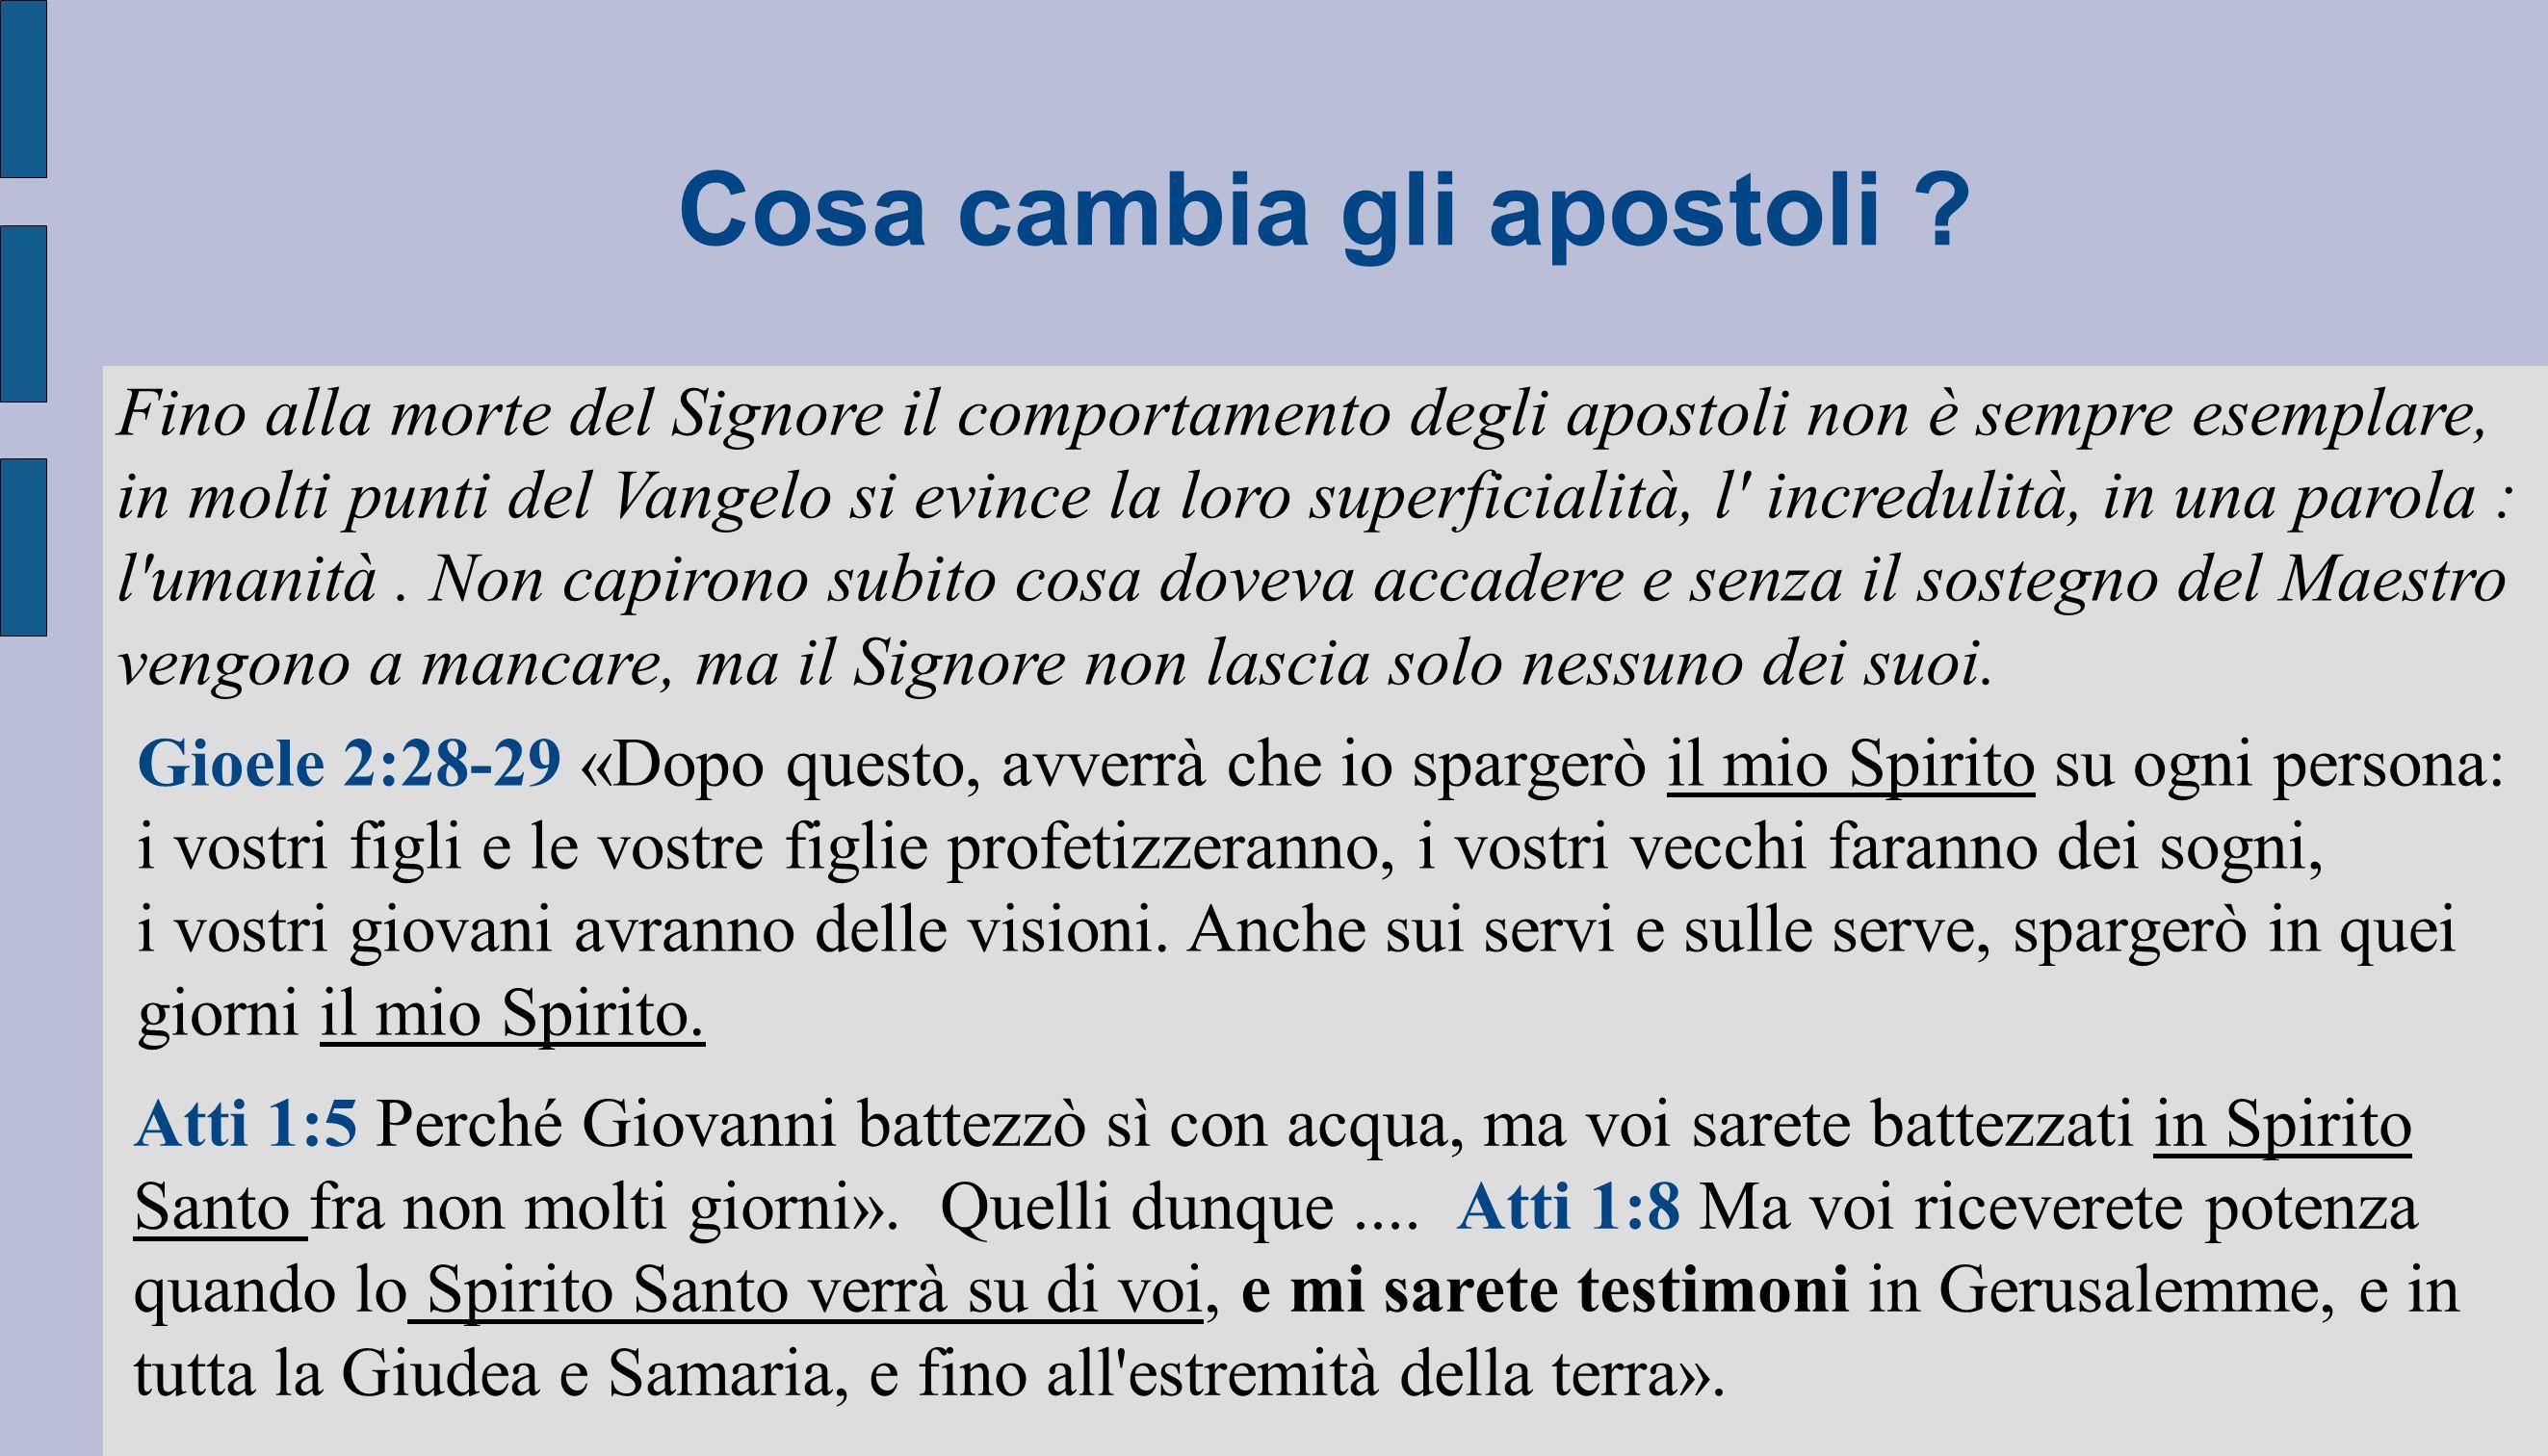 Cosa cambia gli apostoli ? Fino alla morte del Signore il comportamento degli apostoli non è sempre esemplare, in molti punti del Vangelo si evince la